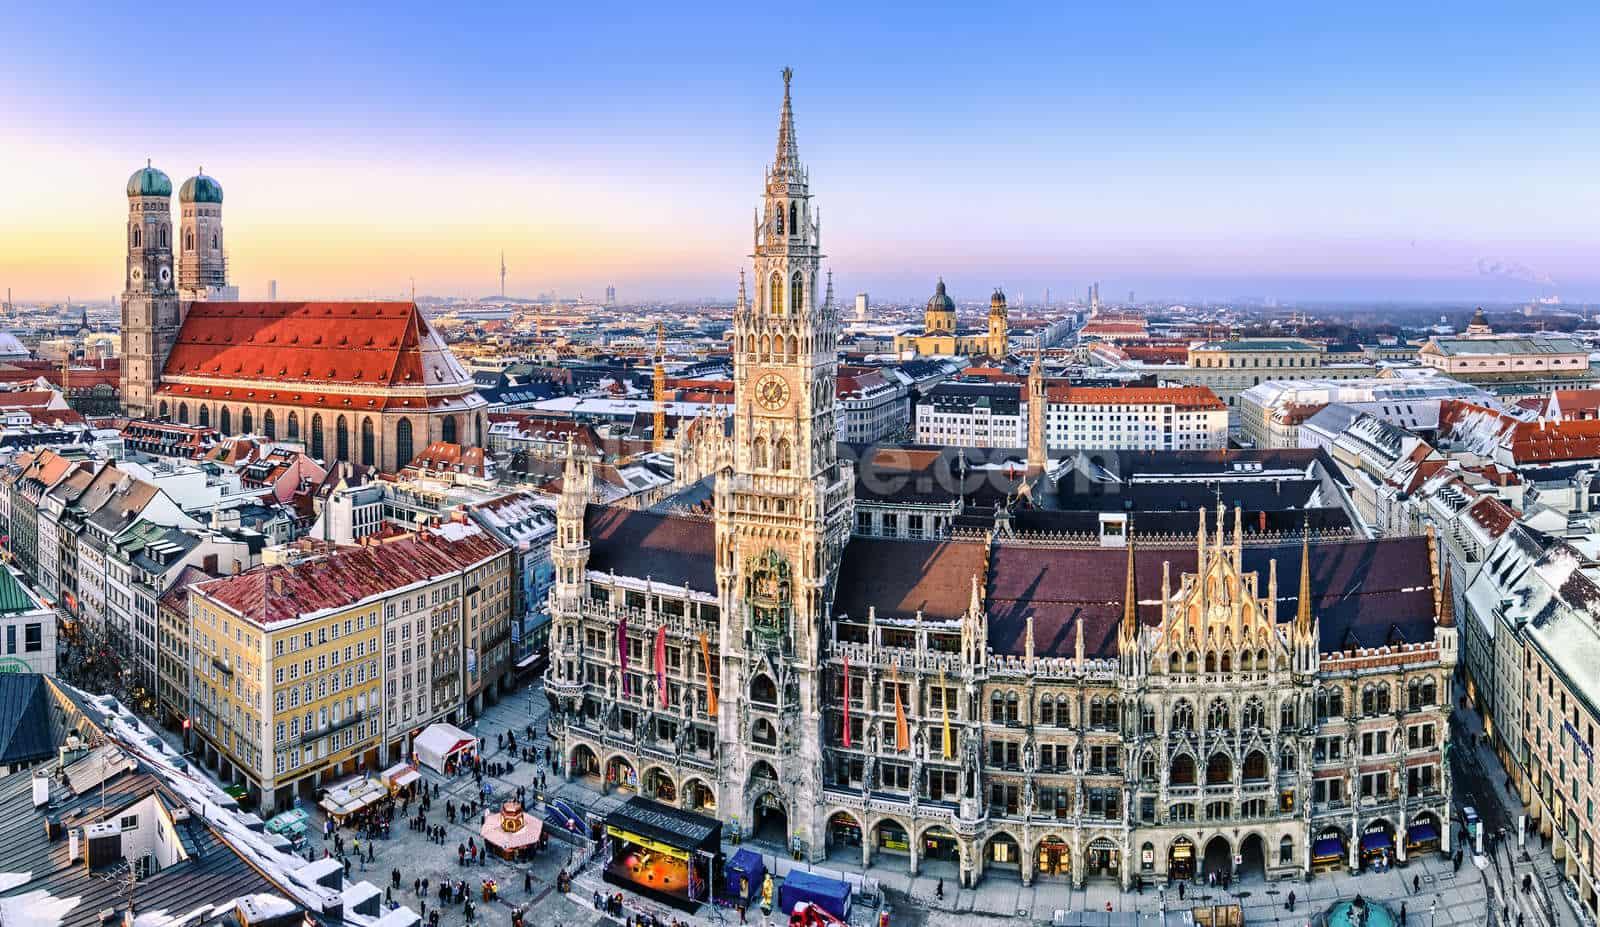 Munich Creative Business Week 2019 [object object] Munich Creative Business Week 2019 Event Guide 49661244panorama m  nchen innenstadt im abendlicht min